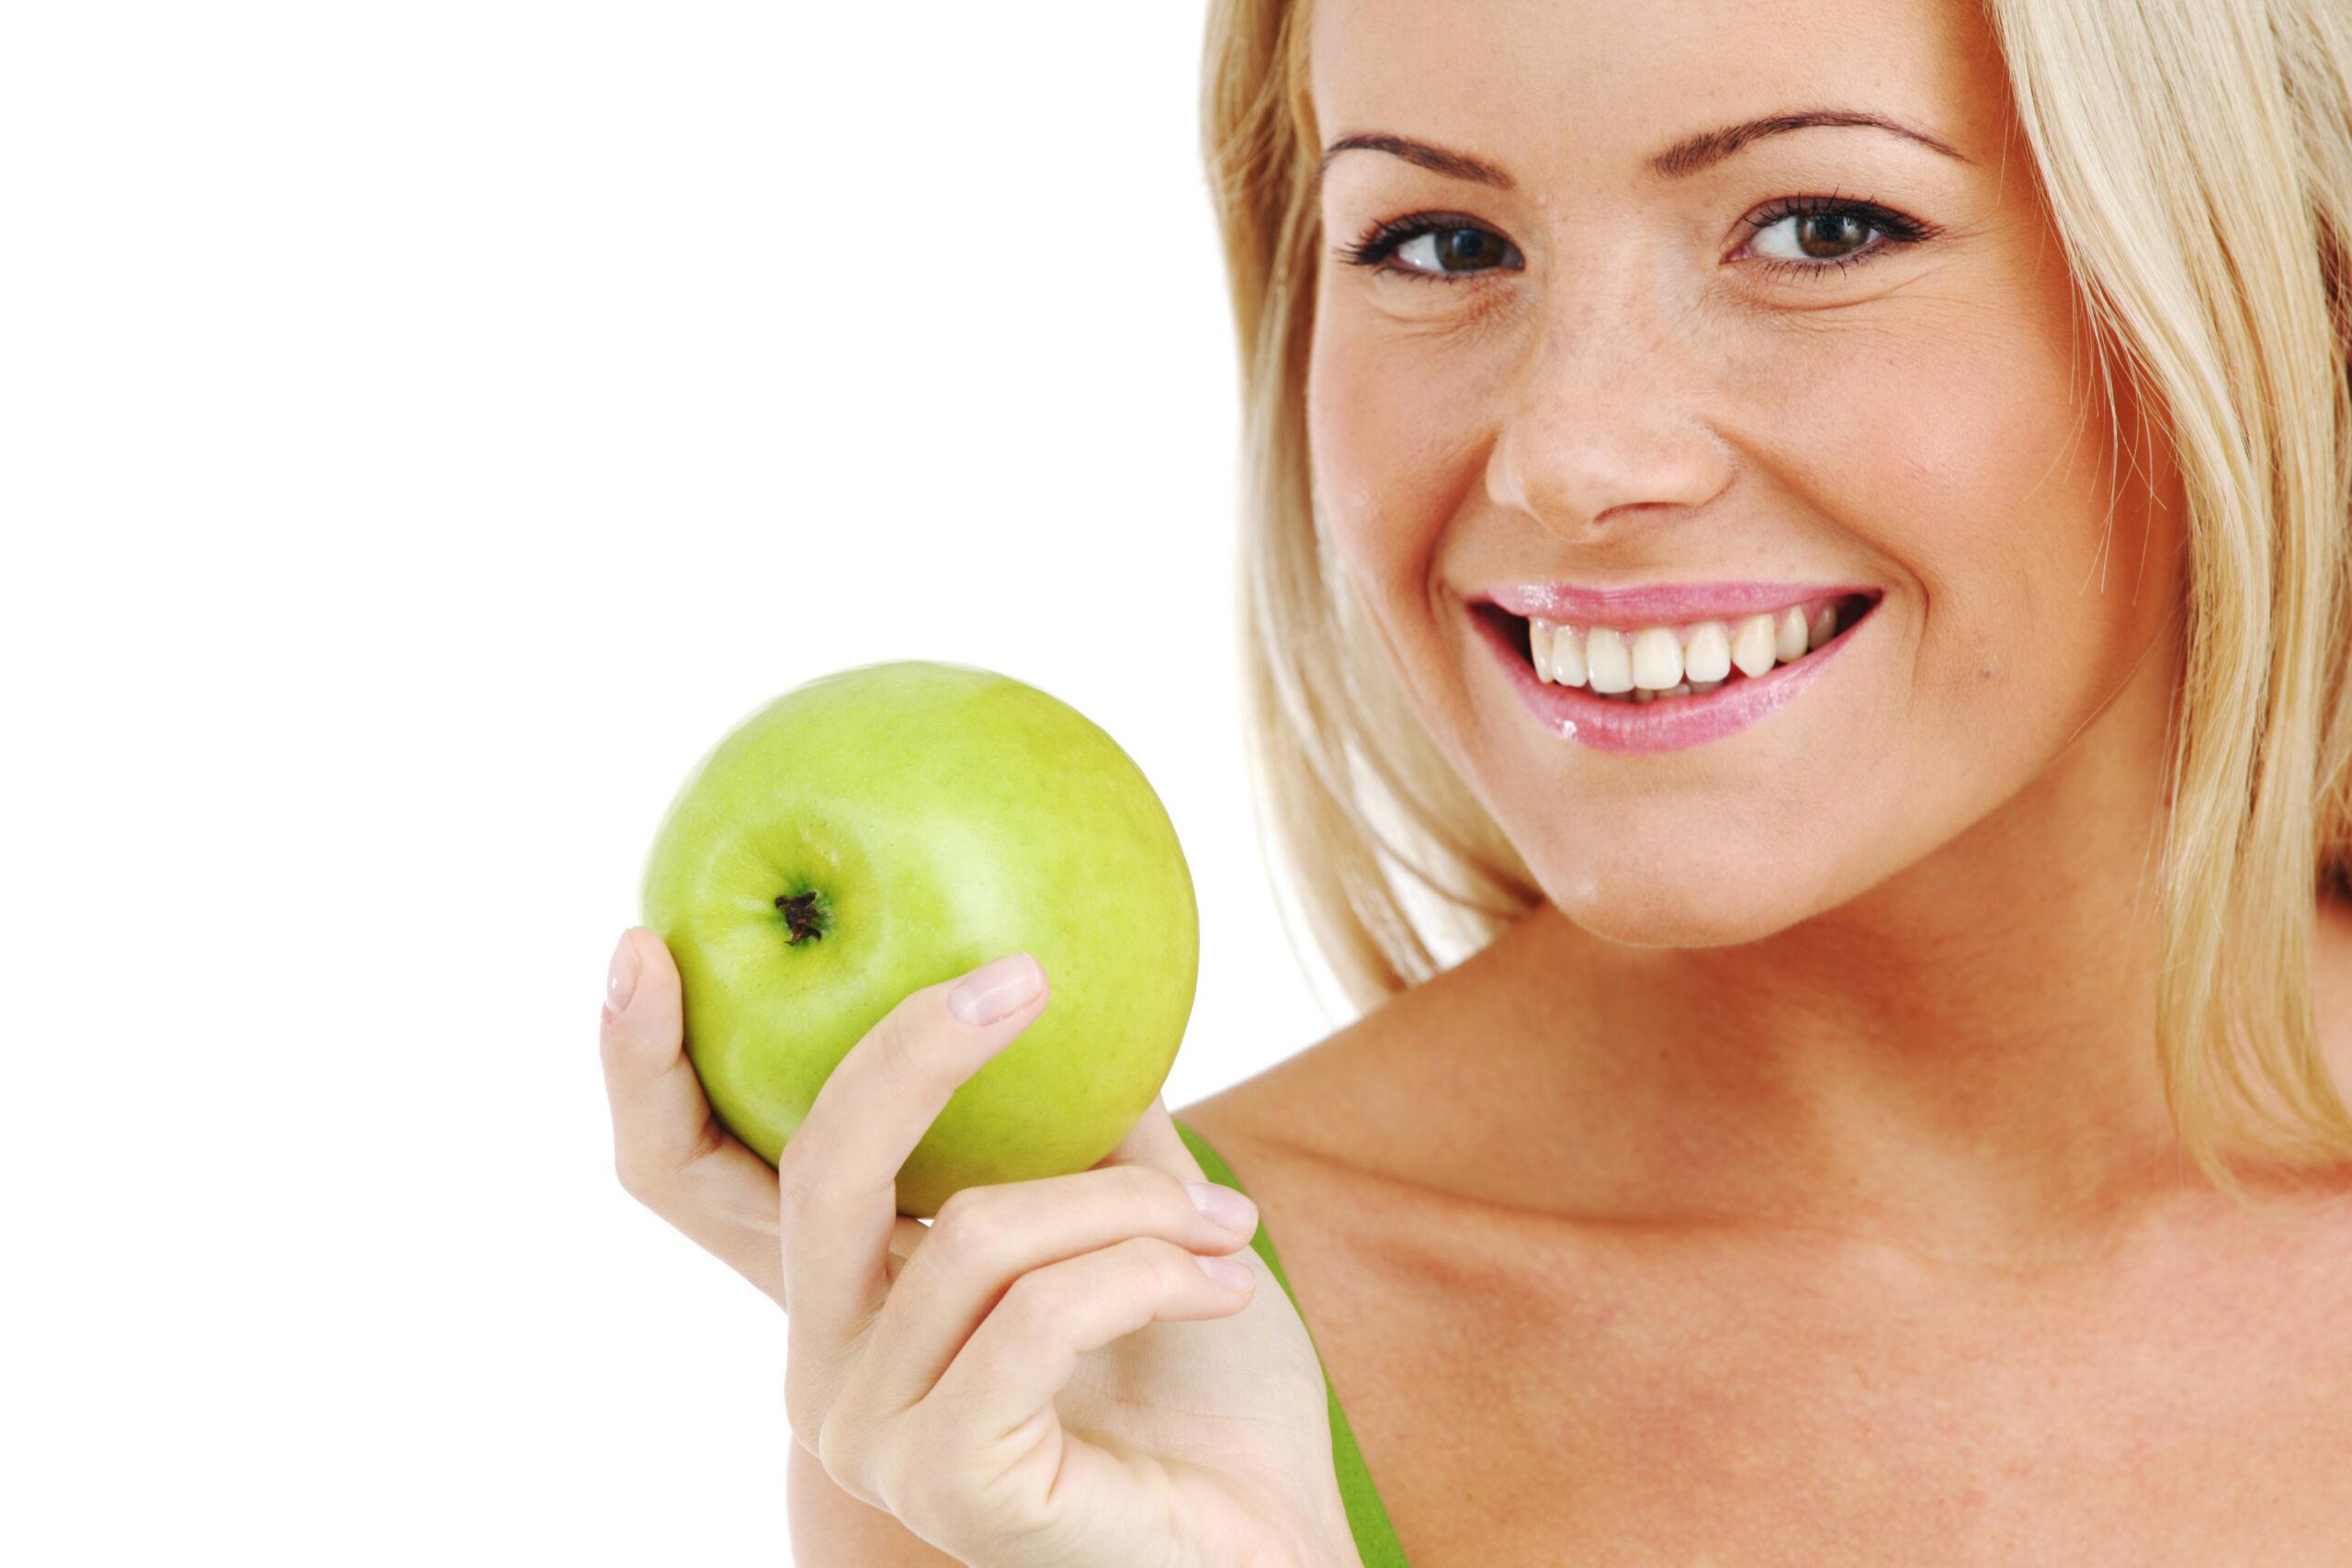 Mese della prevenzione dentale